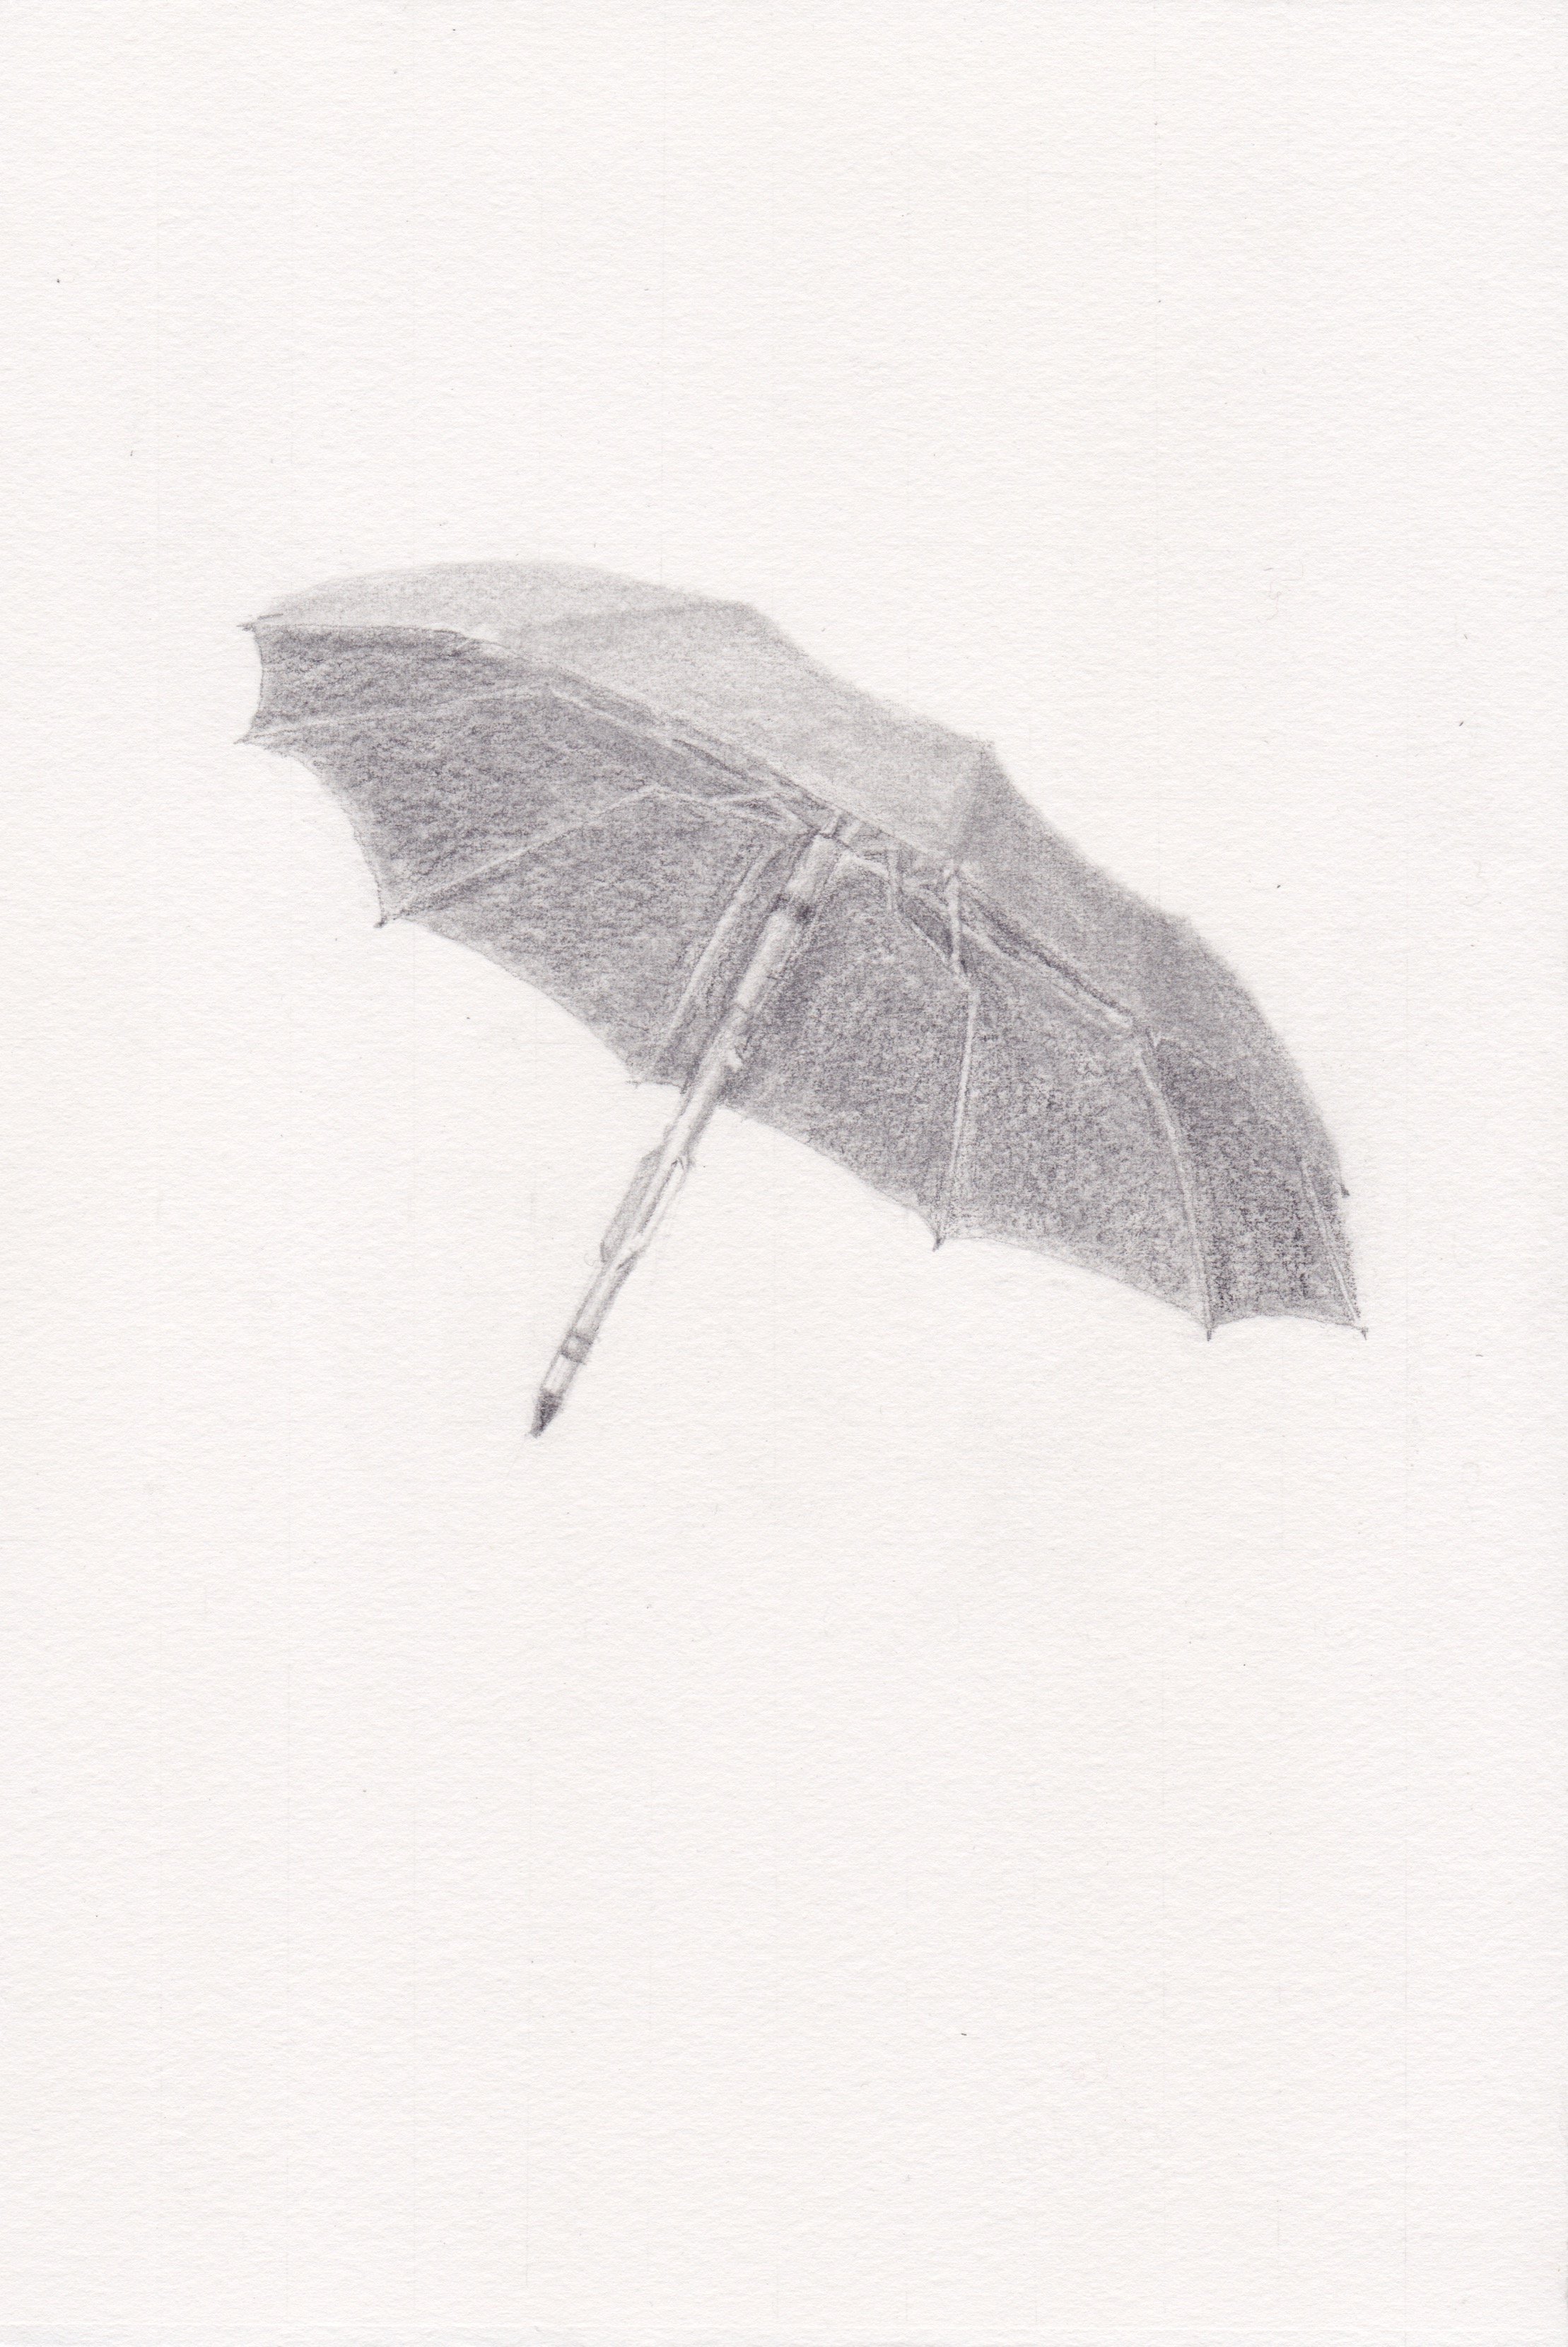 umbrellamissile.jpeg